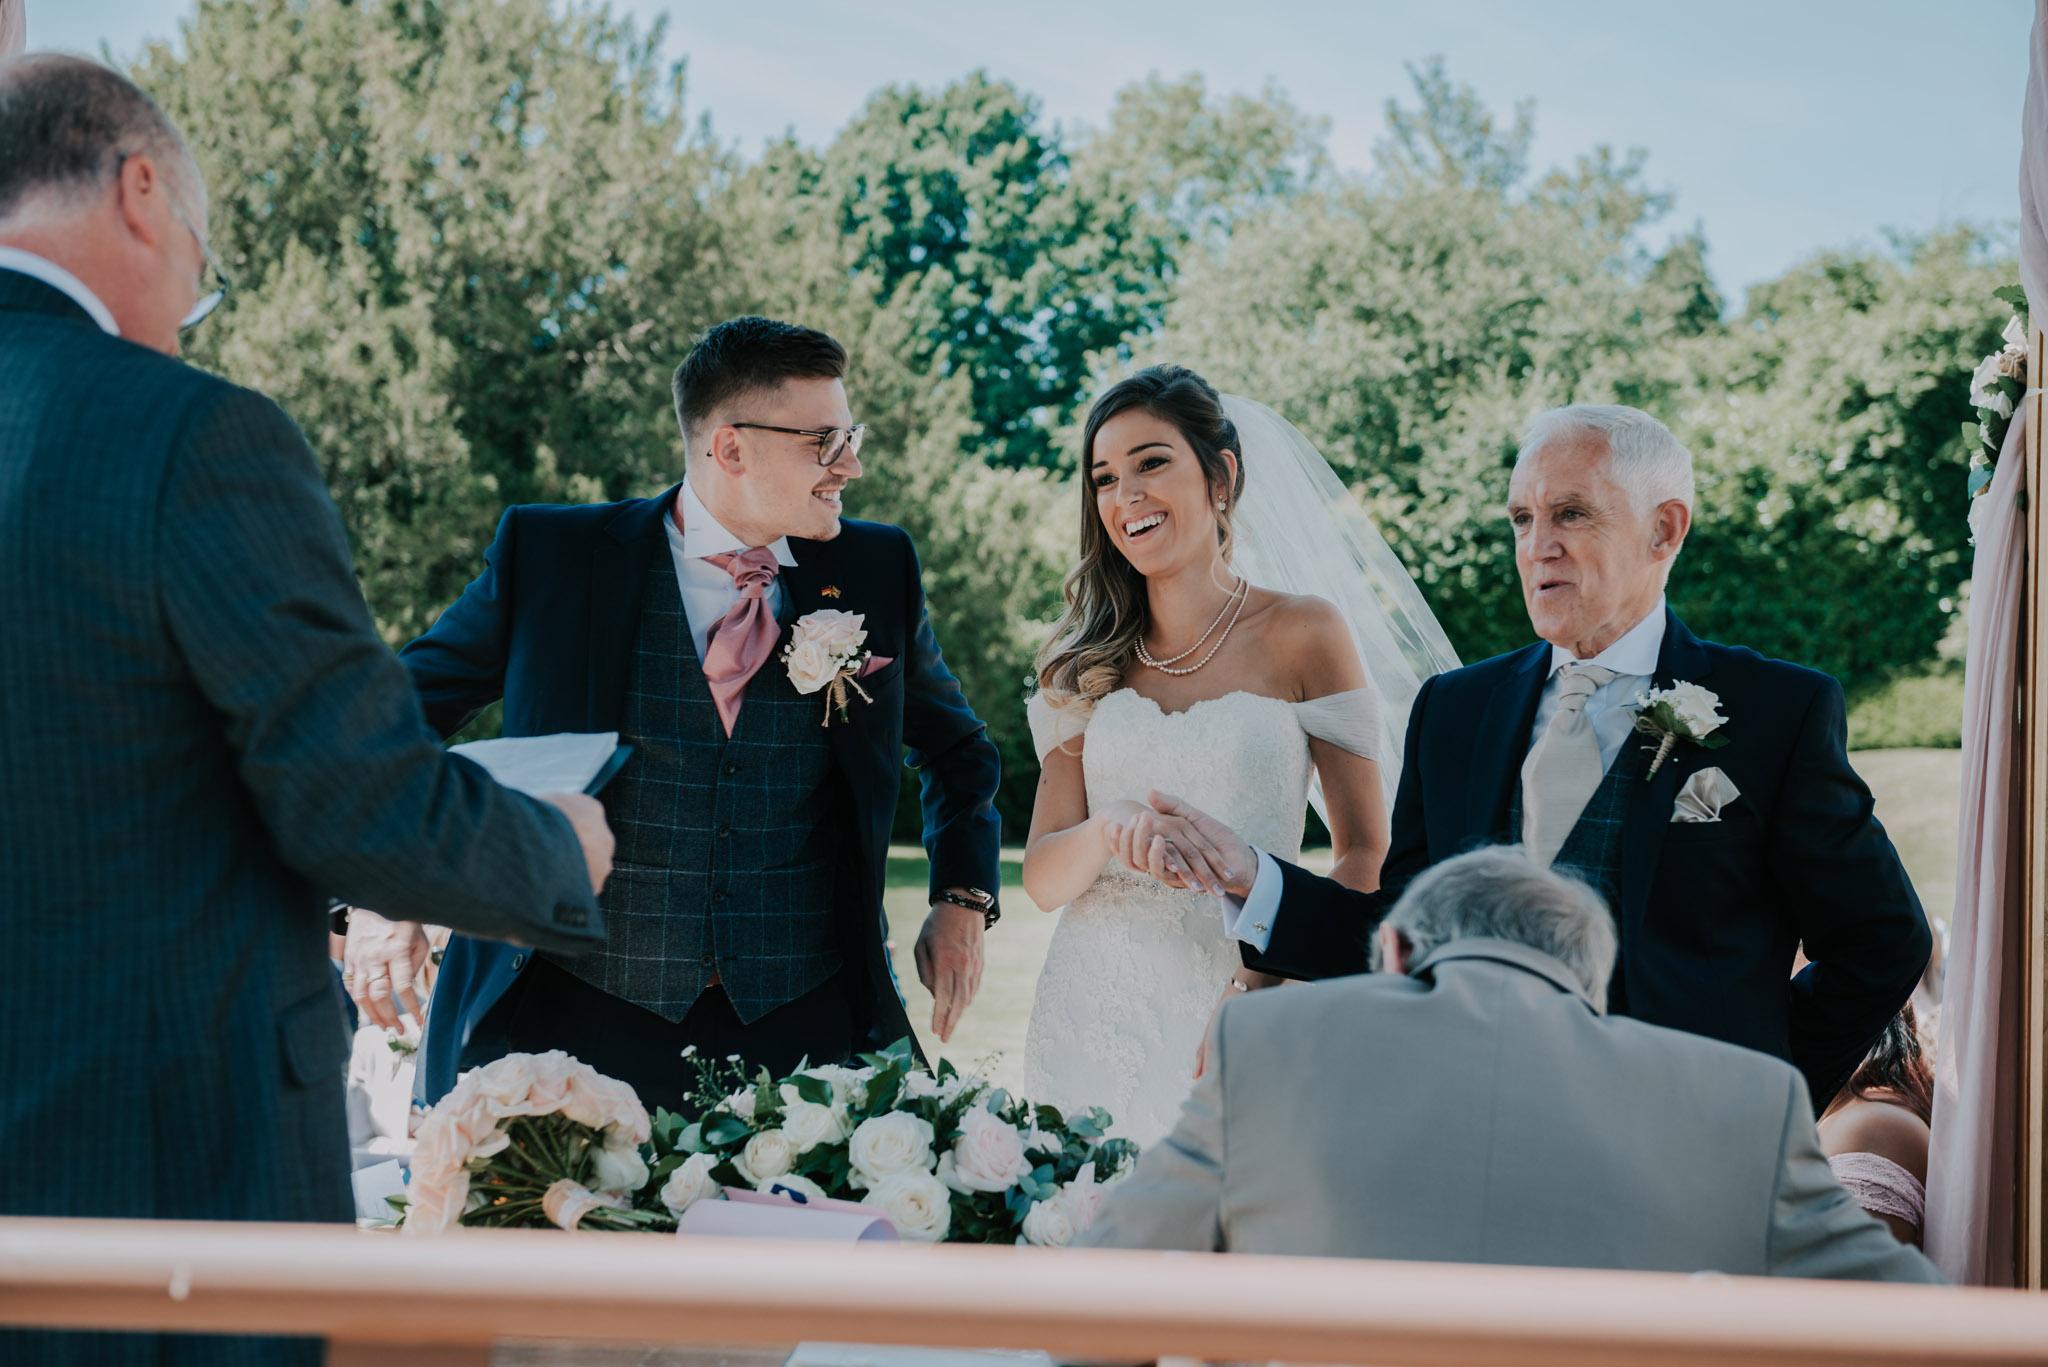 scott-stockwell-wedding-photographer-wood-norton-evesham158.jpg